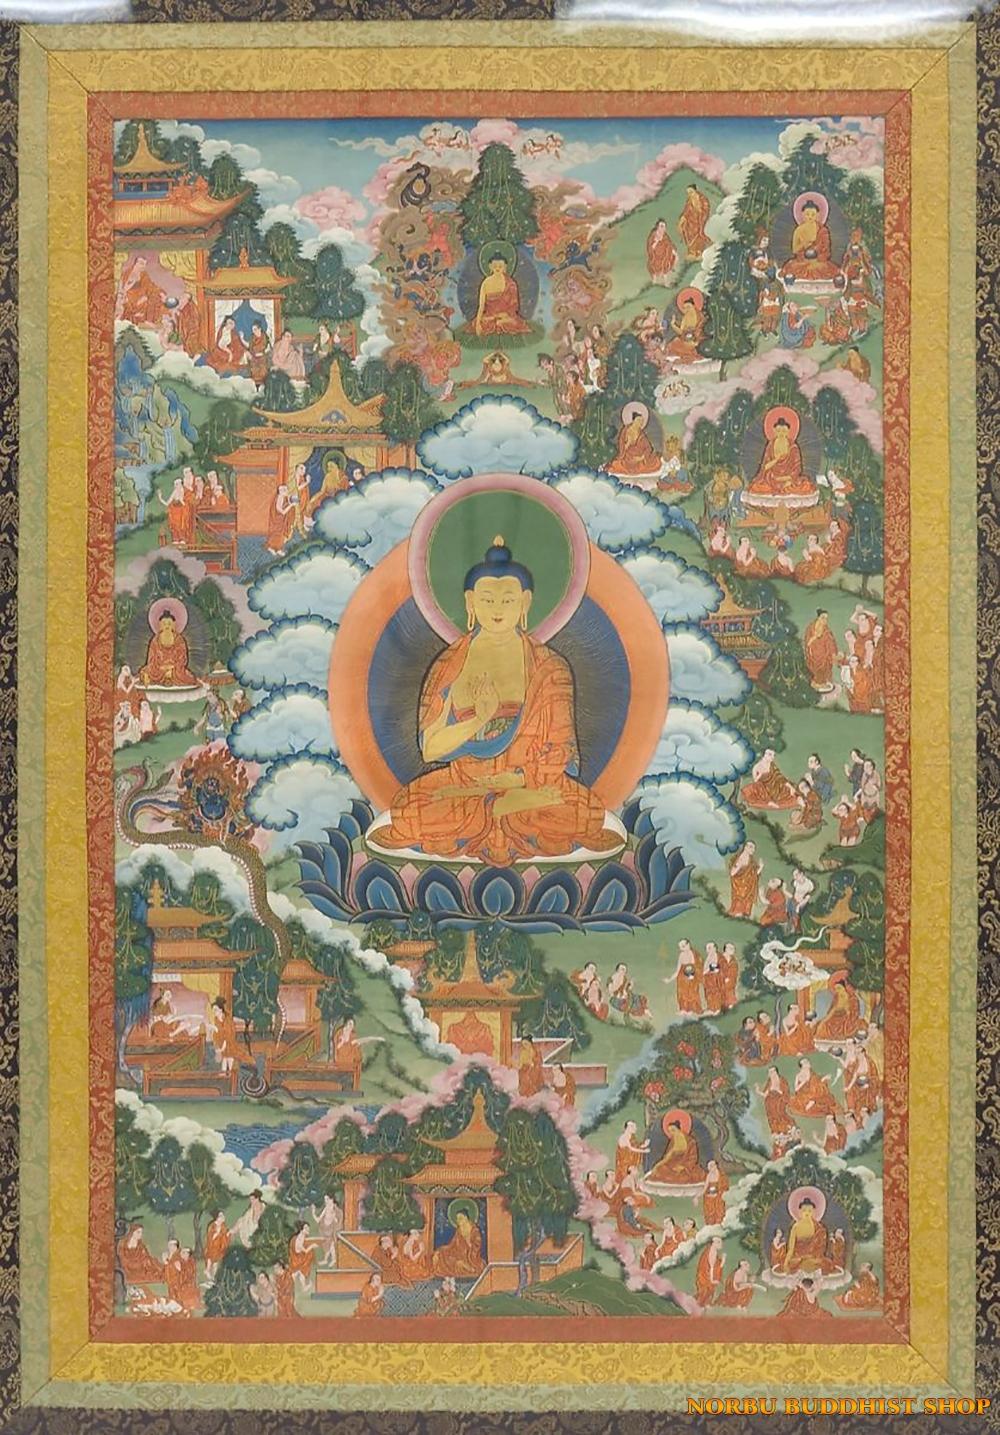 Ý nghĩa tôn giáo trong tranh Thangka Tây Tạng - Tangka Tibet có gì đặc sắc? 2